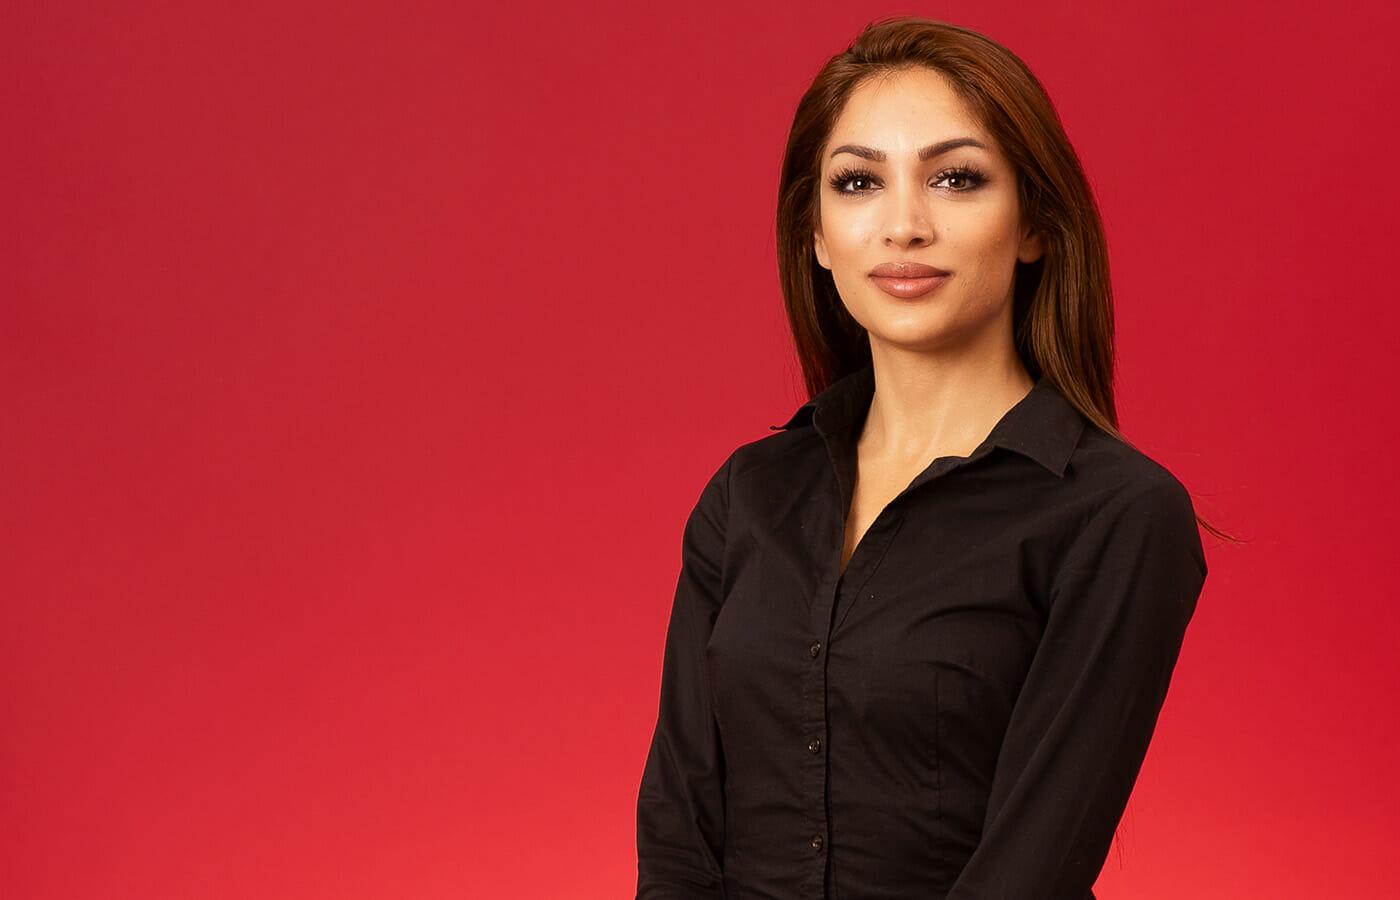 Friechta Haider